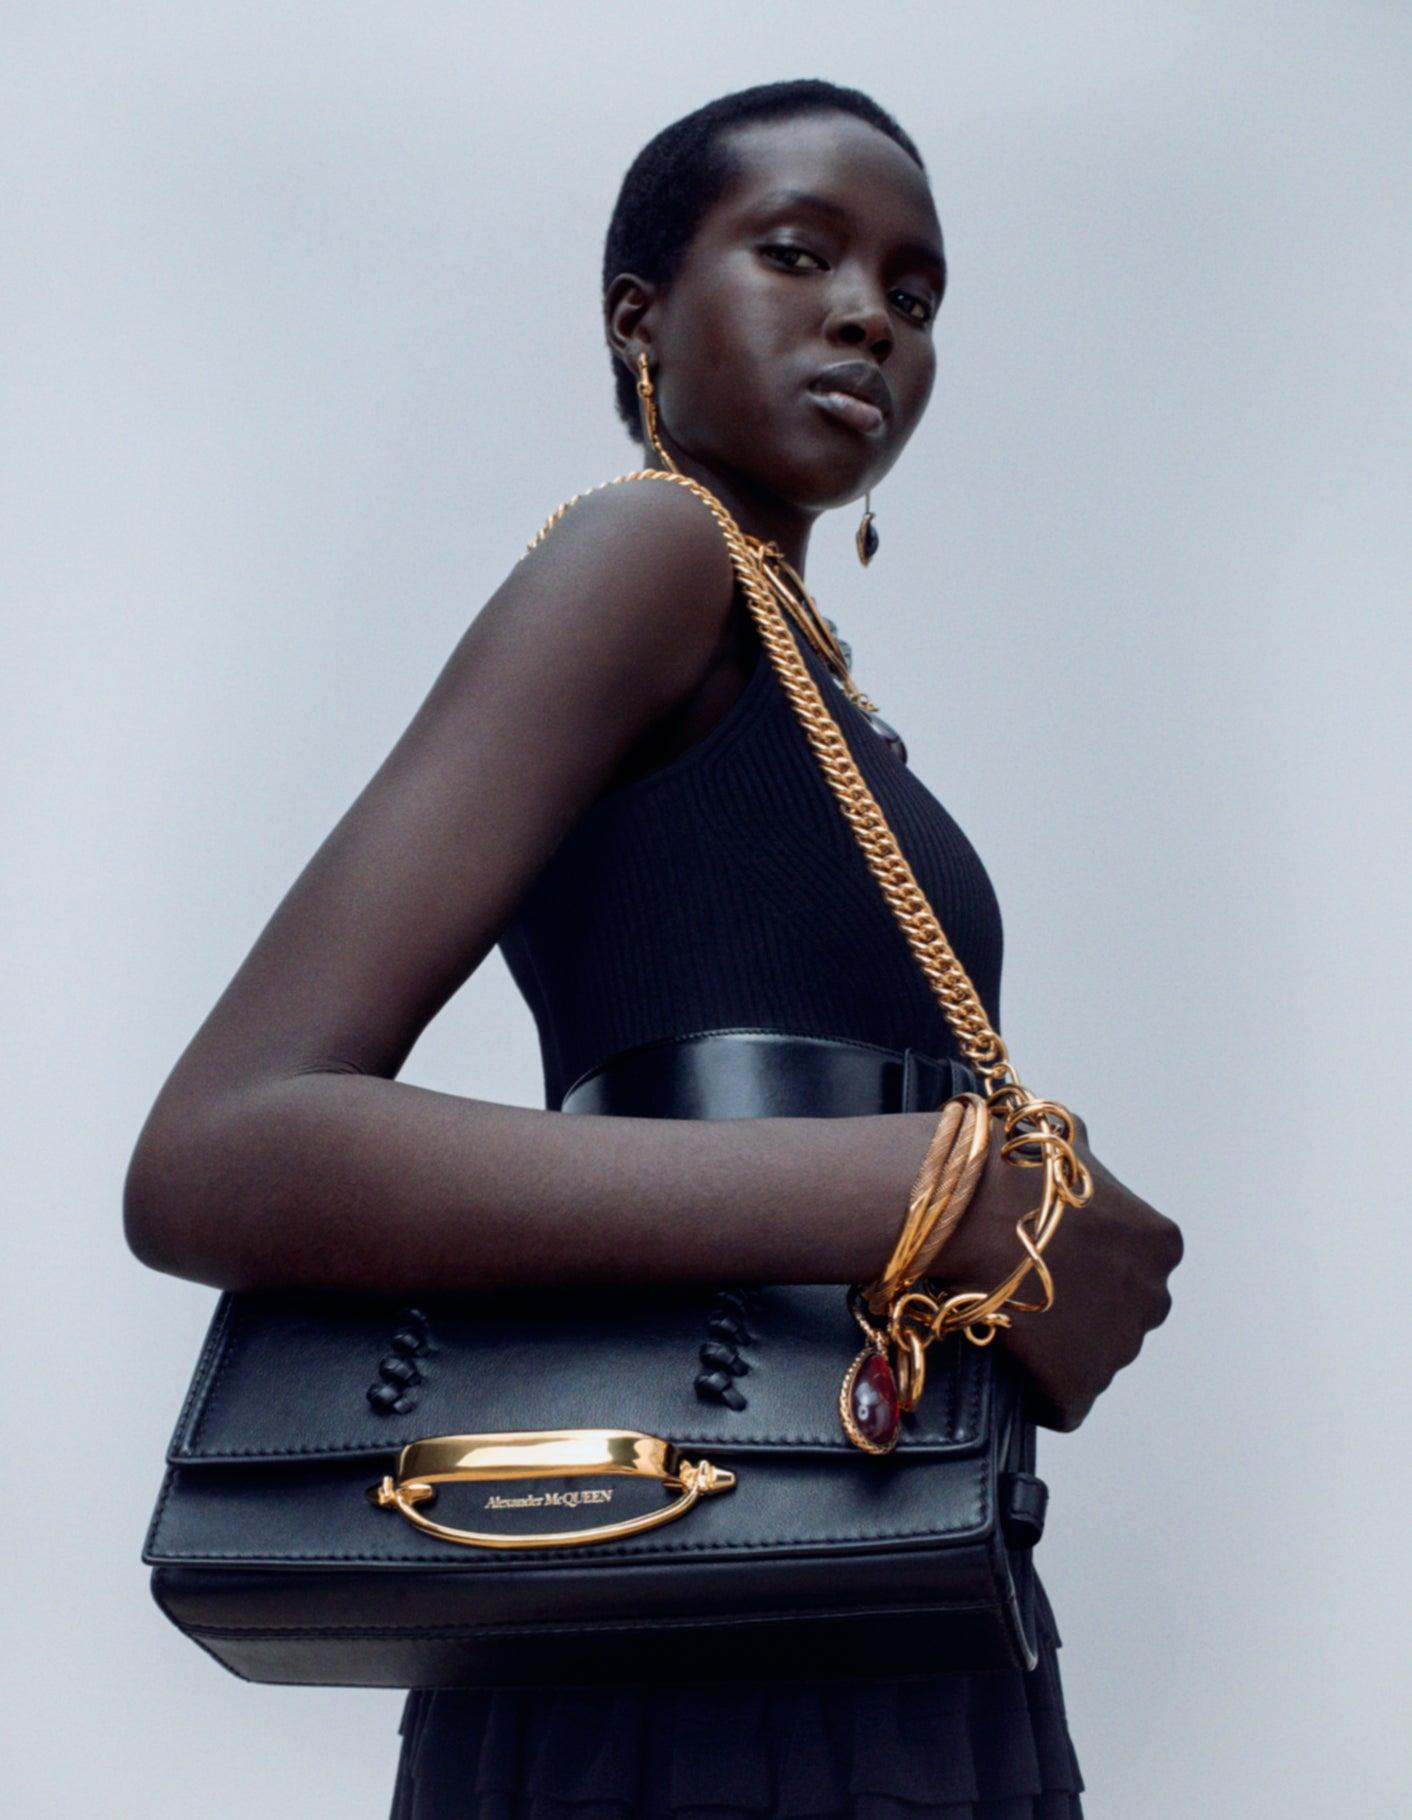 Model wears Alexander McQueen The Story shoulder bag